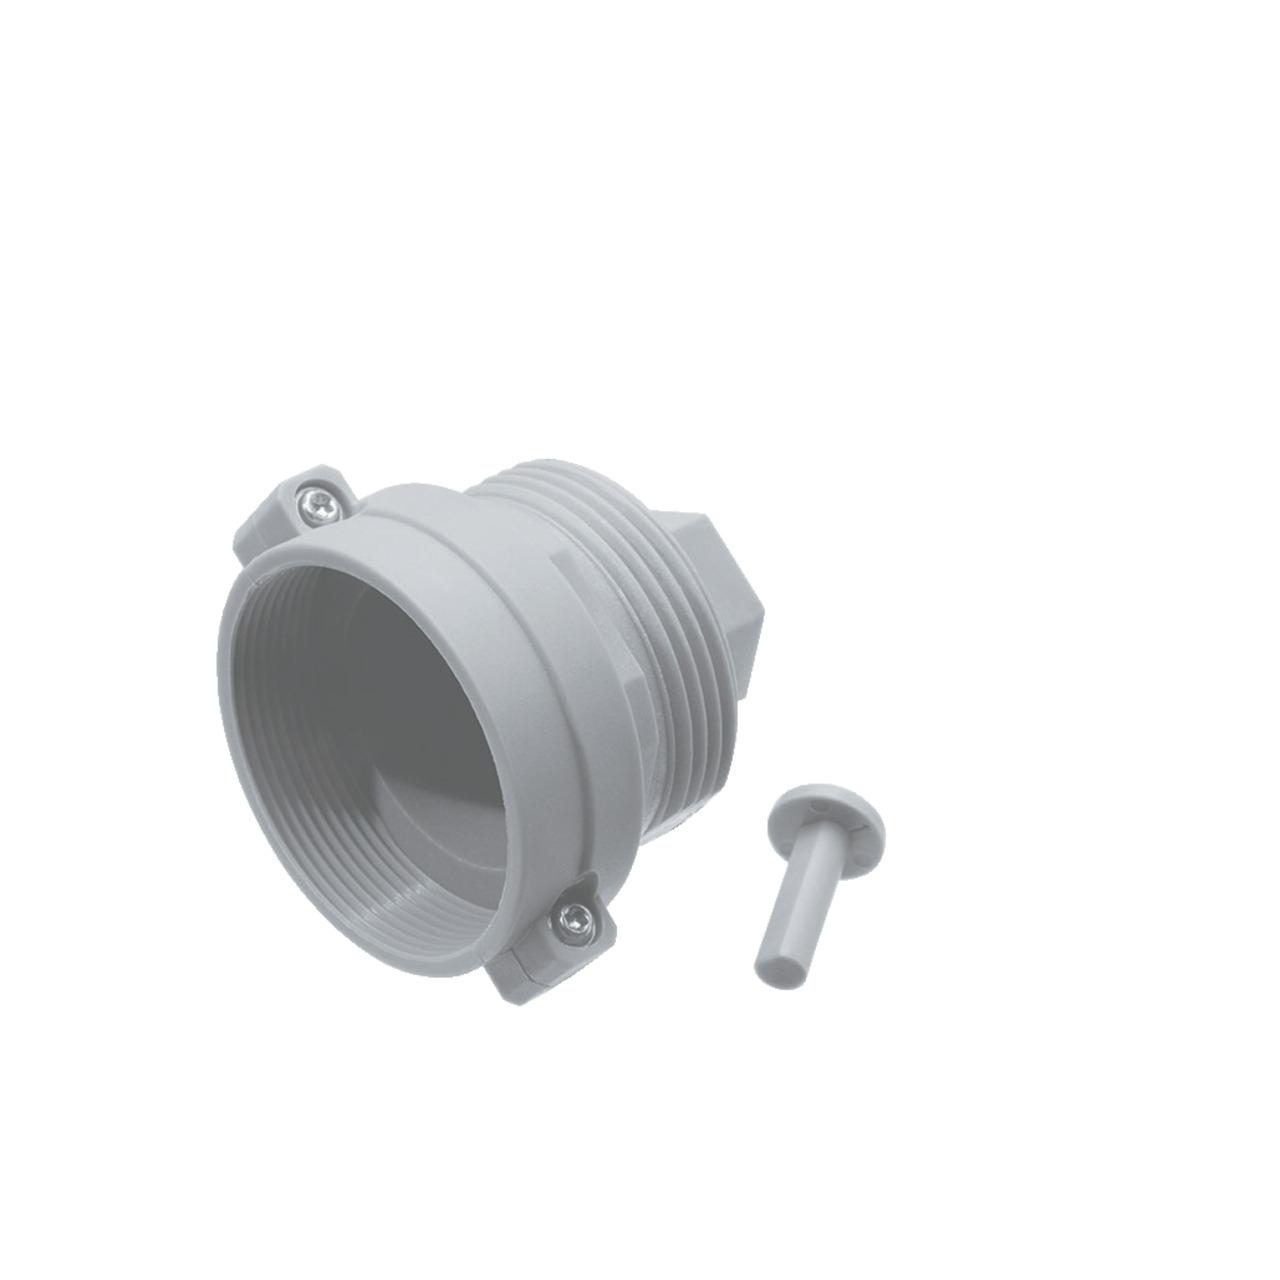 Adapter für Heizungsventil Oventrop M30 x 1-0 mm (Kunststoff)